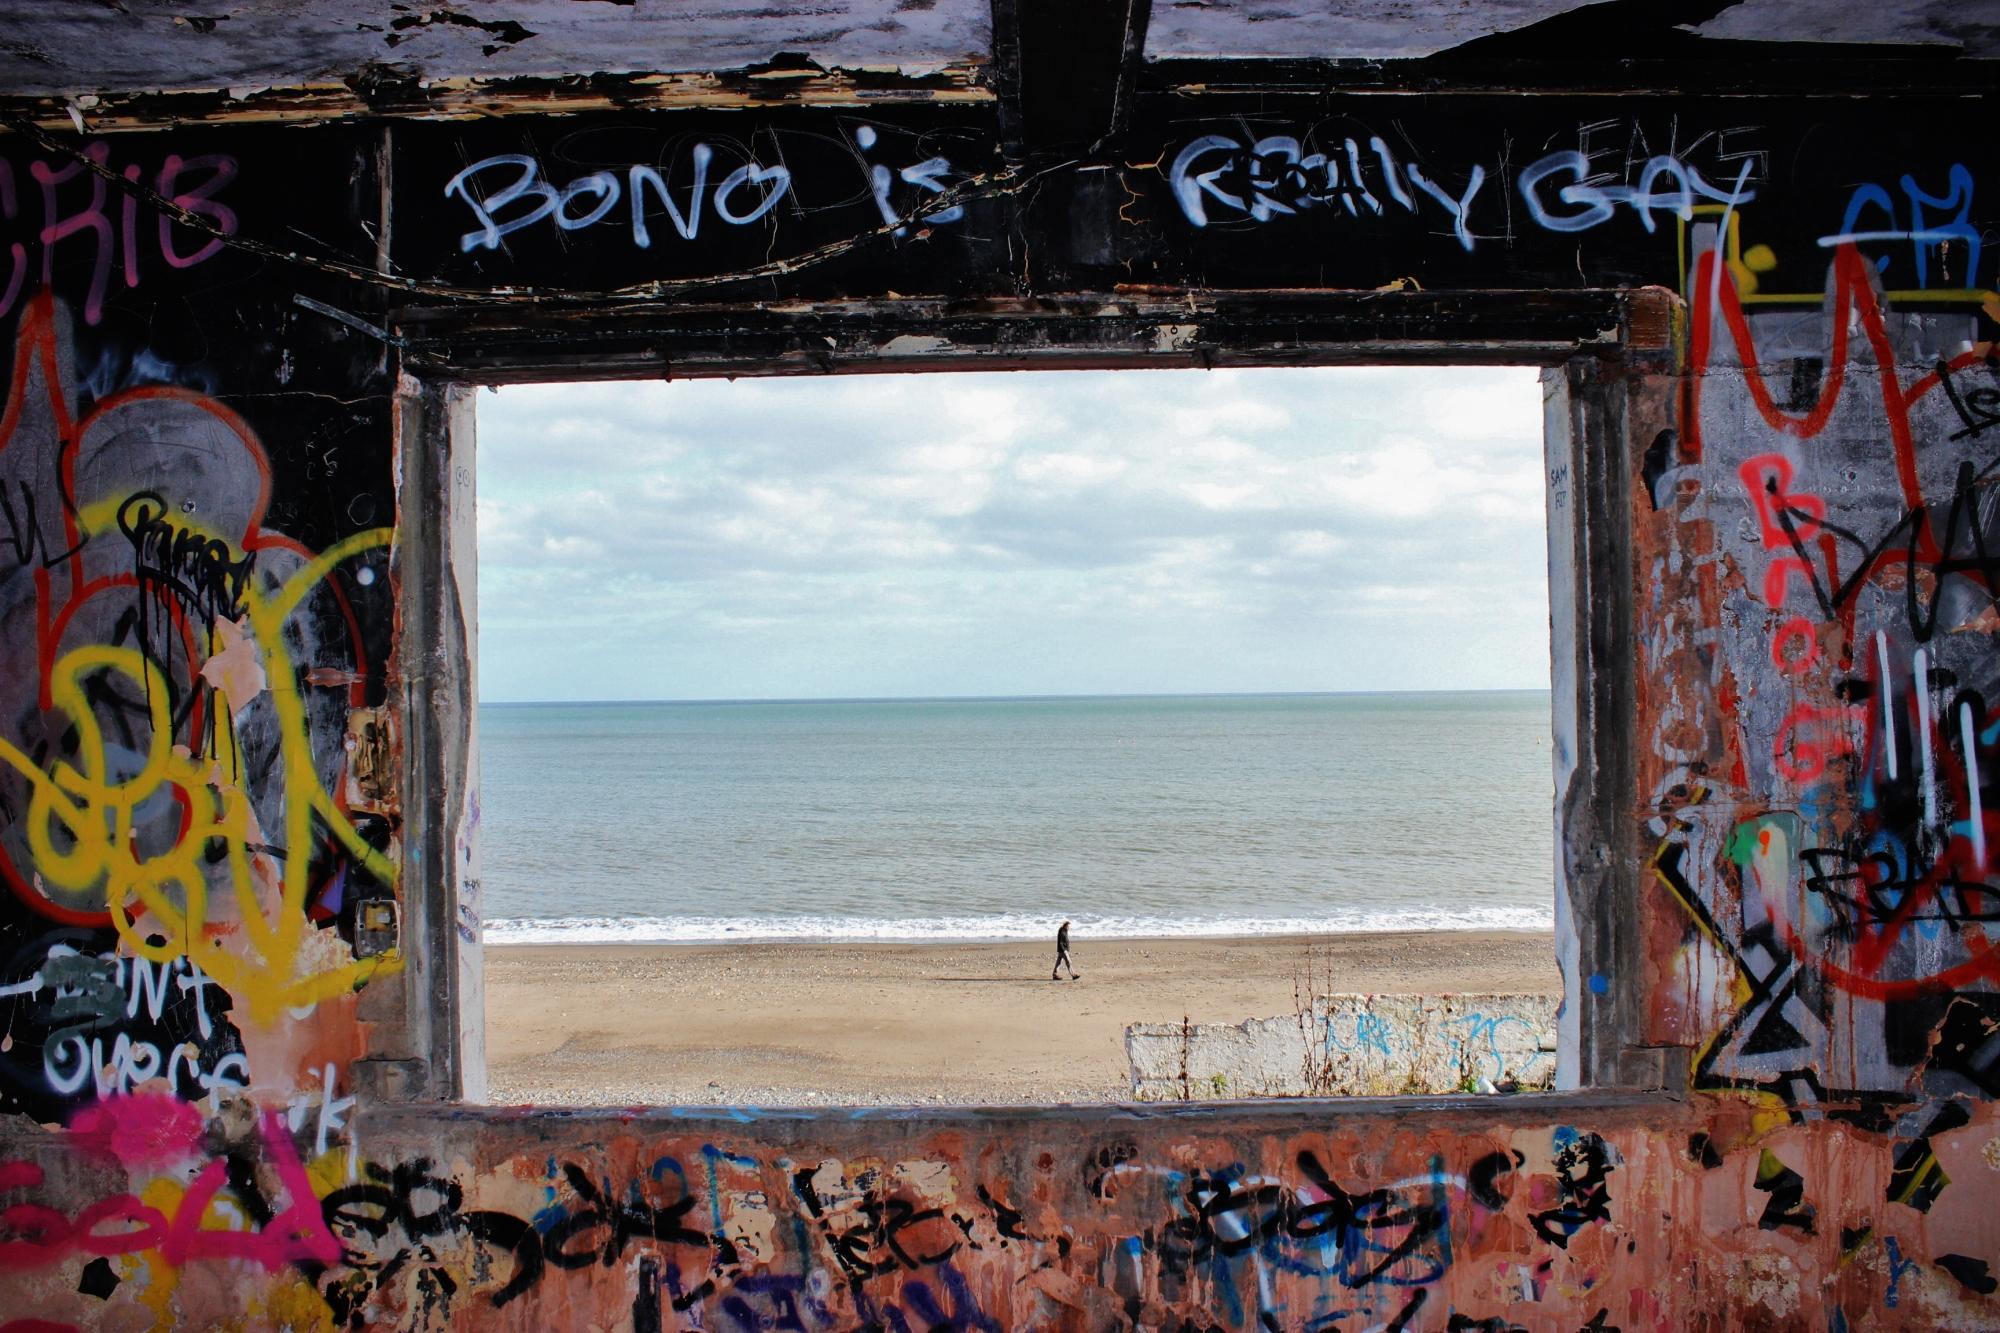 Abandoned Killiney Beach Tea Rooms, Dublin (Ireland) - Derelict World Photography - Lainey Quinn